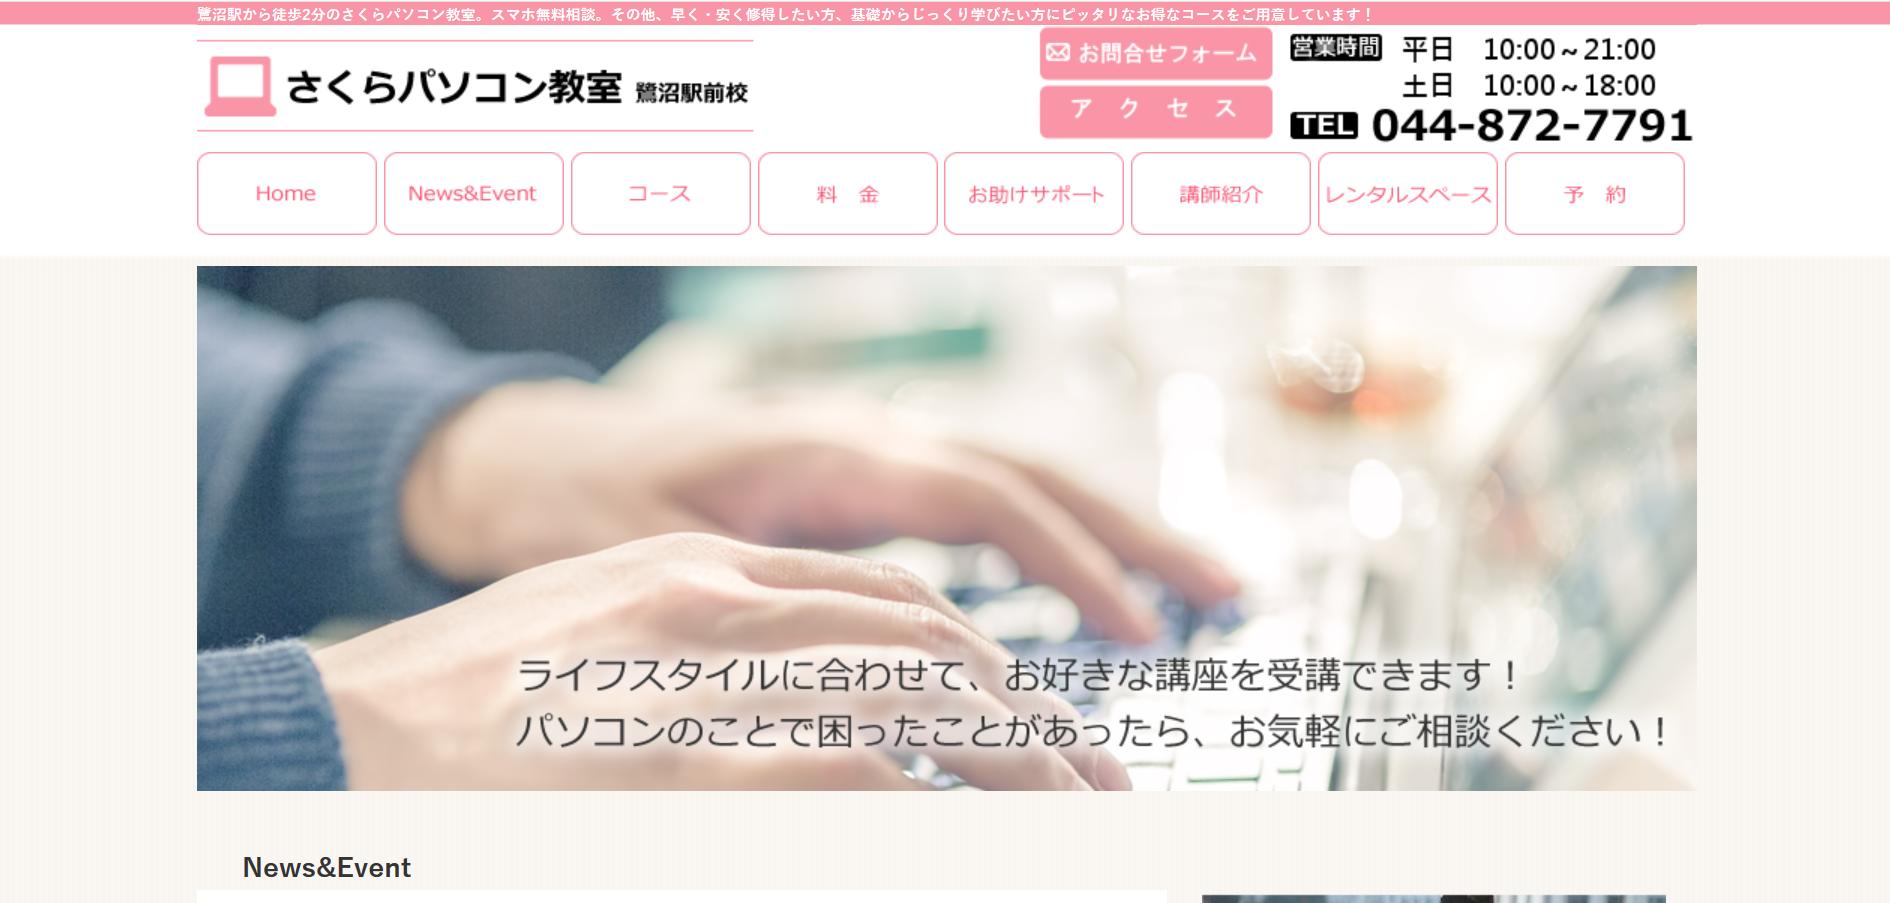 さくらパソコン教室 鷺沼駅前校の評判・口コミ